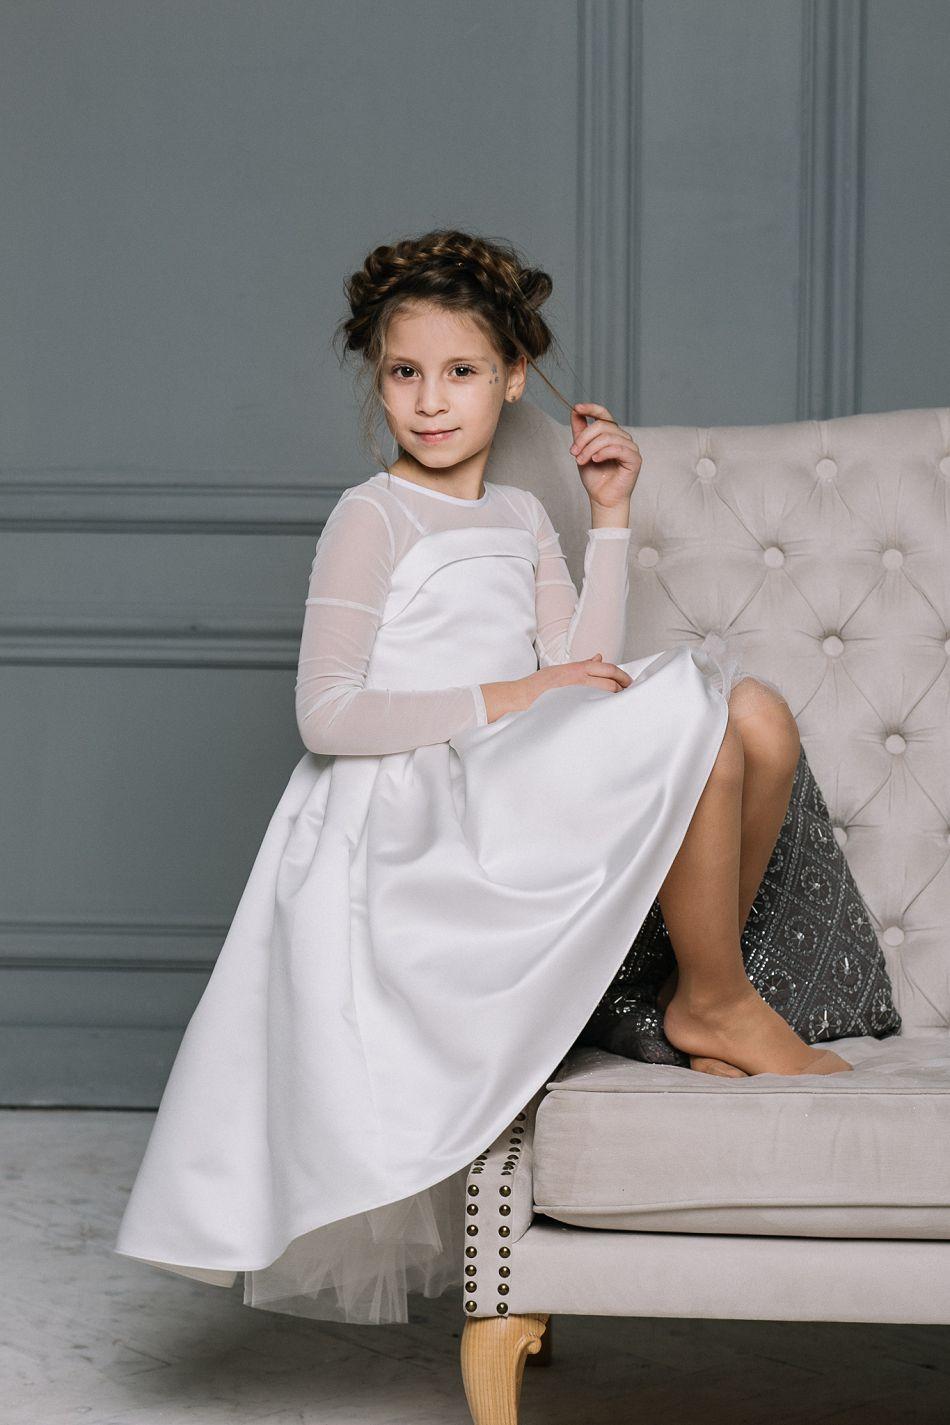 ... Біла святкова сукня на дівчинку ... 2ab16bfd995f8